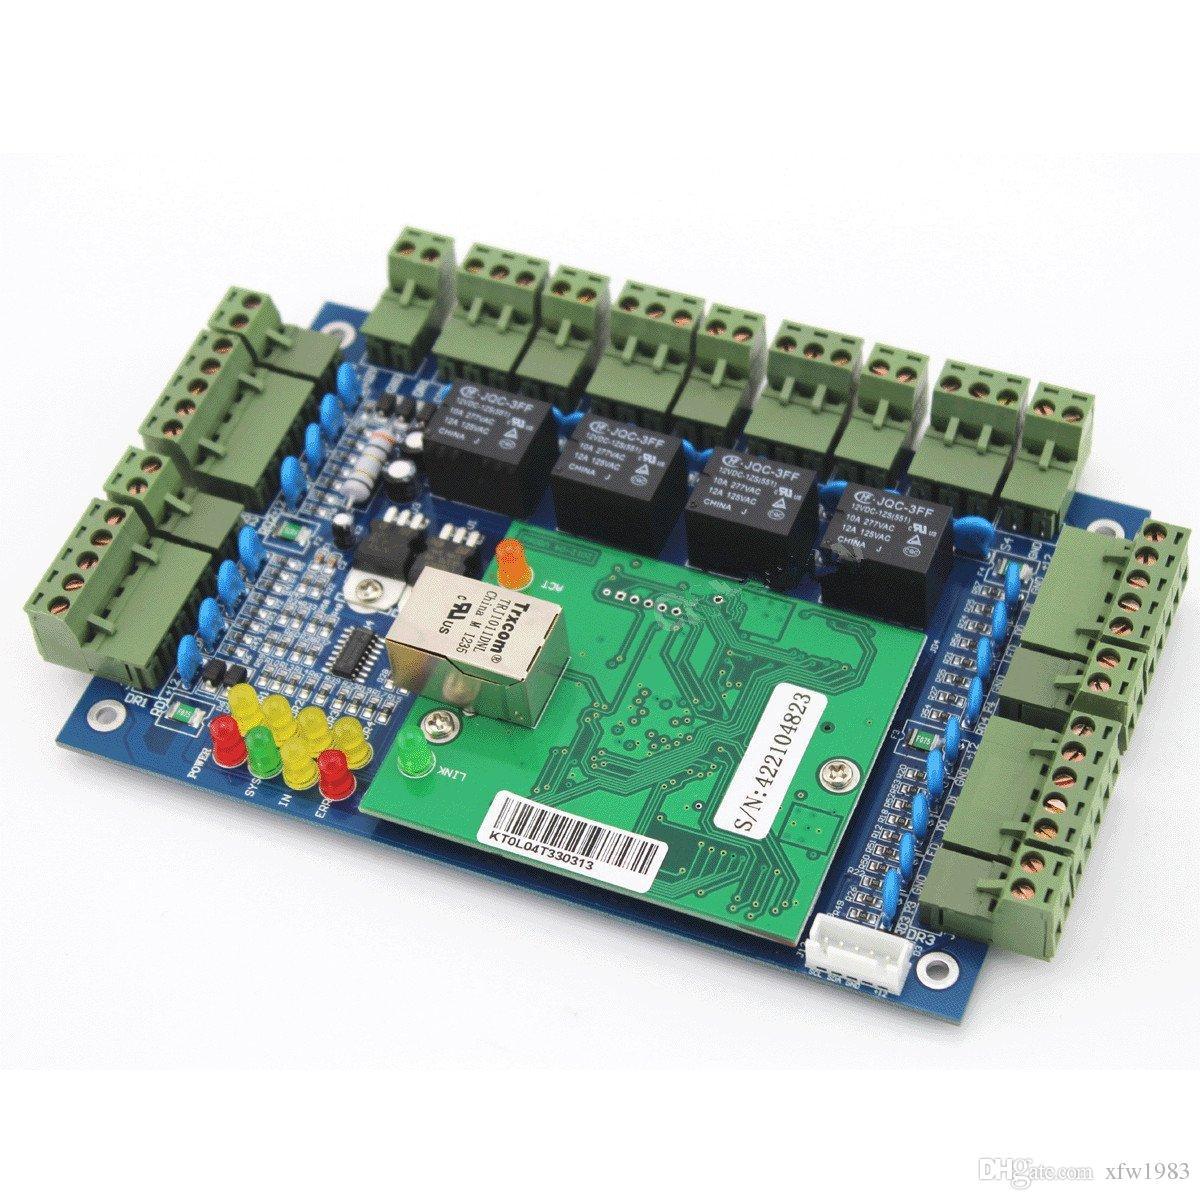 Painel da placa de controle do acesso das portas de TCP / IP 4 com 220V à CC Fonte da fonte de alimentação das cores do TCP / IP 4 preto 30-60W Caixa para o sistema de controlo de acessos